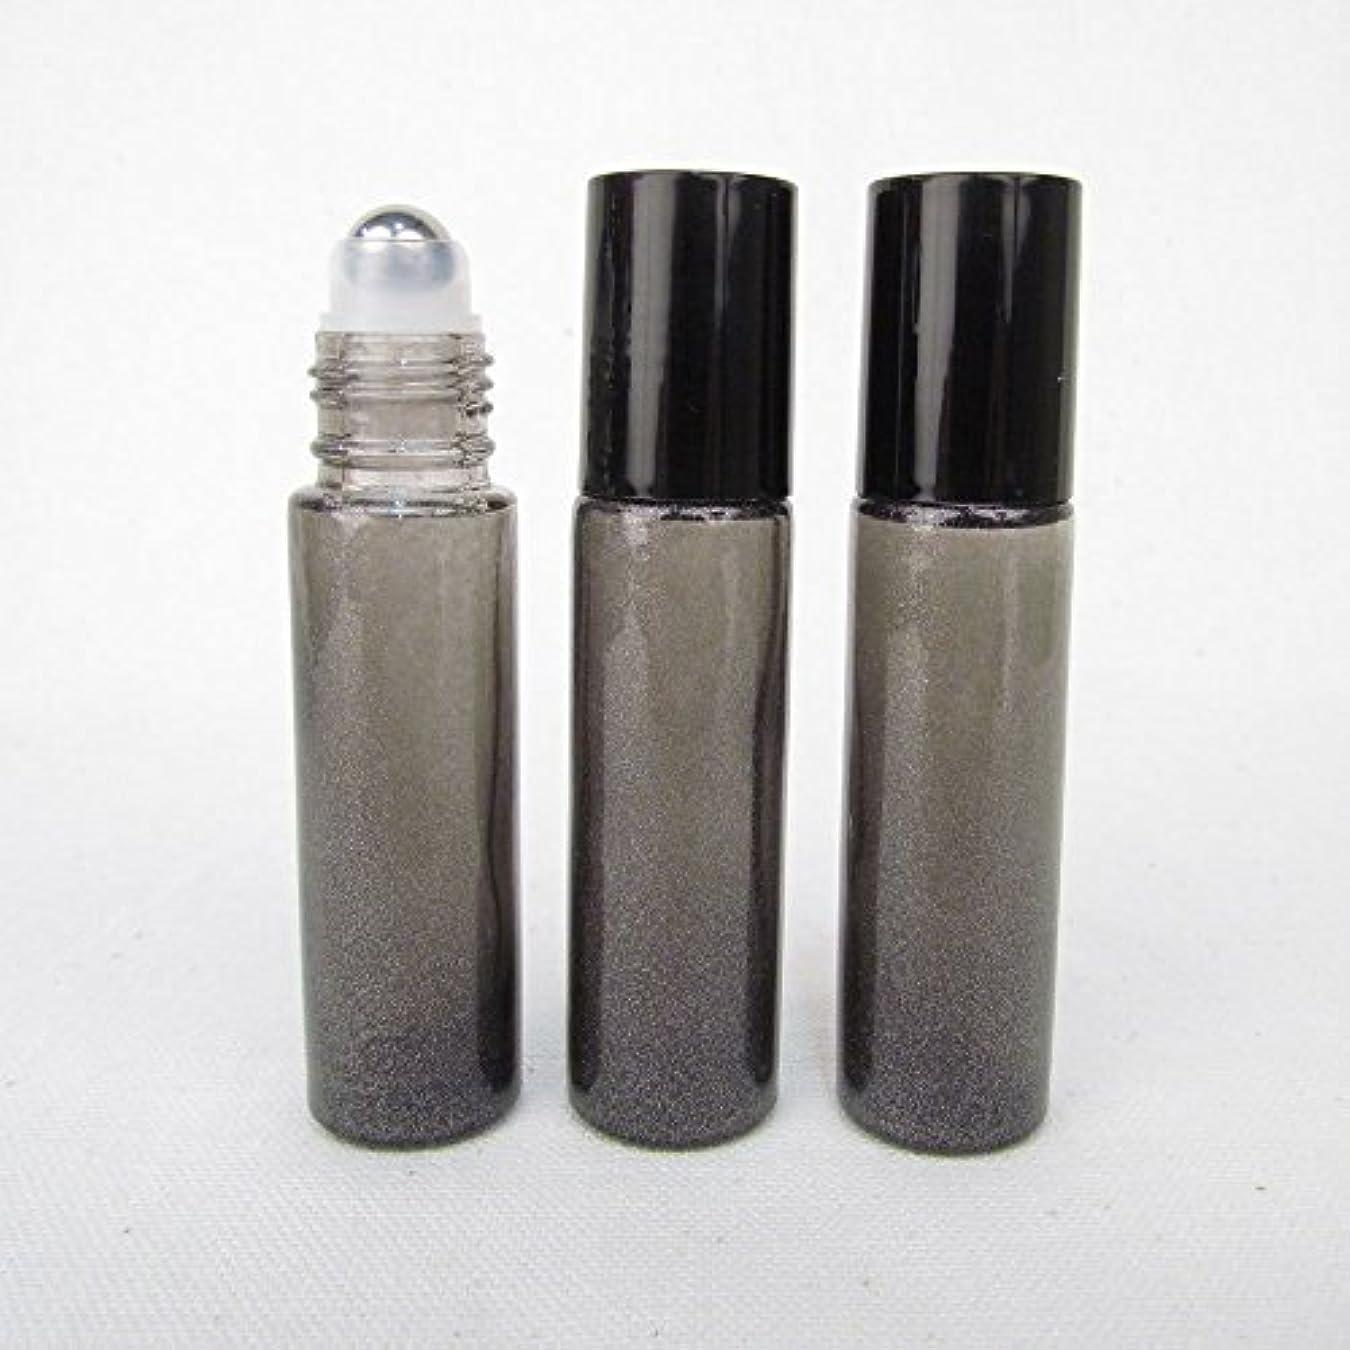 アンビエントキャロライン速報Set of 3 Granite Gray Color 10ml Roll on Bottle with Stainless Steel Ball for Essential Oil Products by Rivertree...